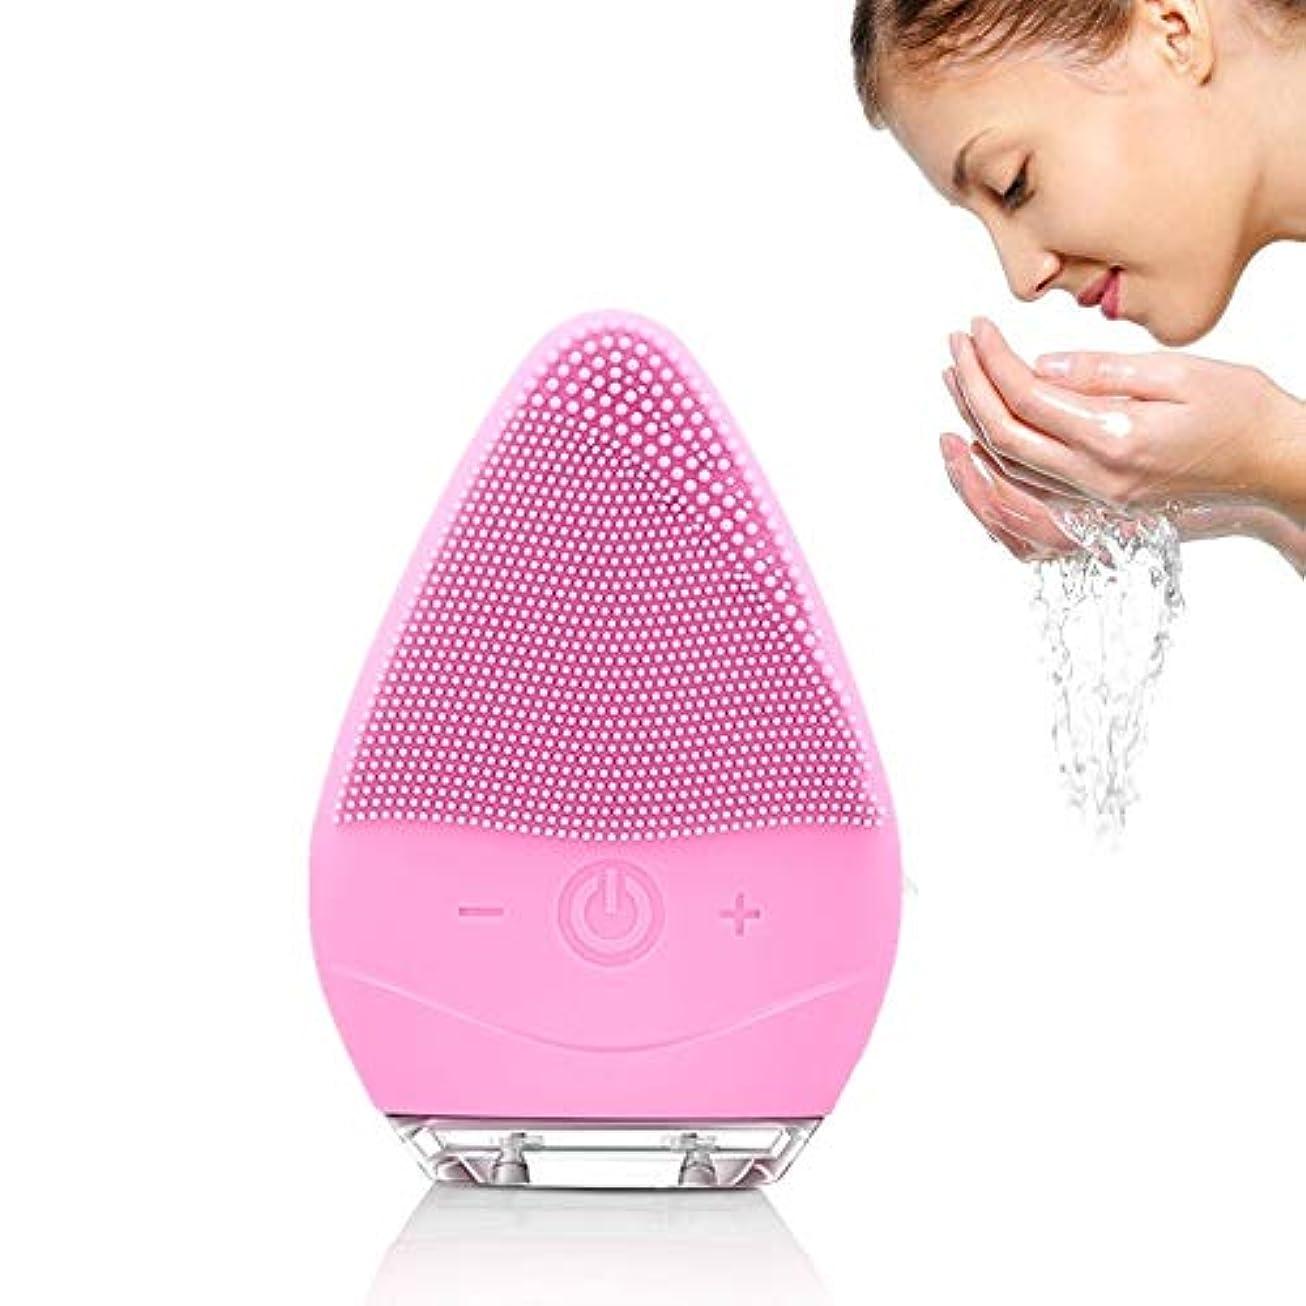 誘惑社会学歴史家フェイスクレンジングブラシ防水シリコンフェイシャルブラシエレクトリックフェイスVībratingマッサージャーデバイスfor Skin Clean for Level 6防水